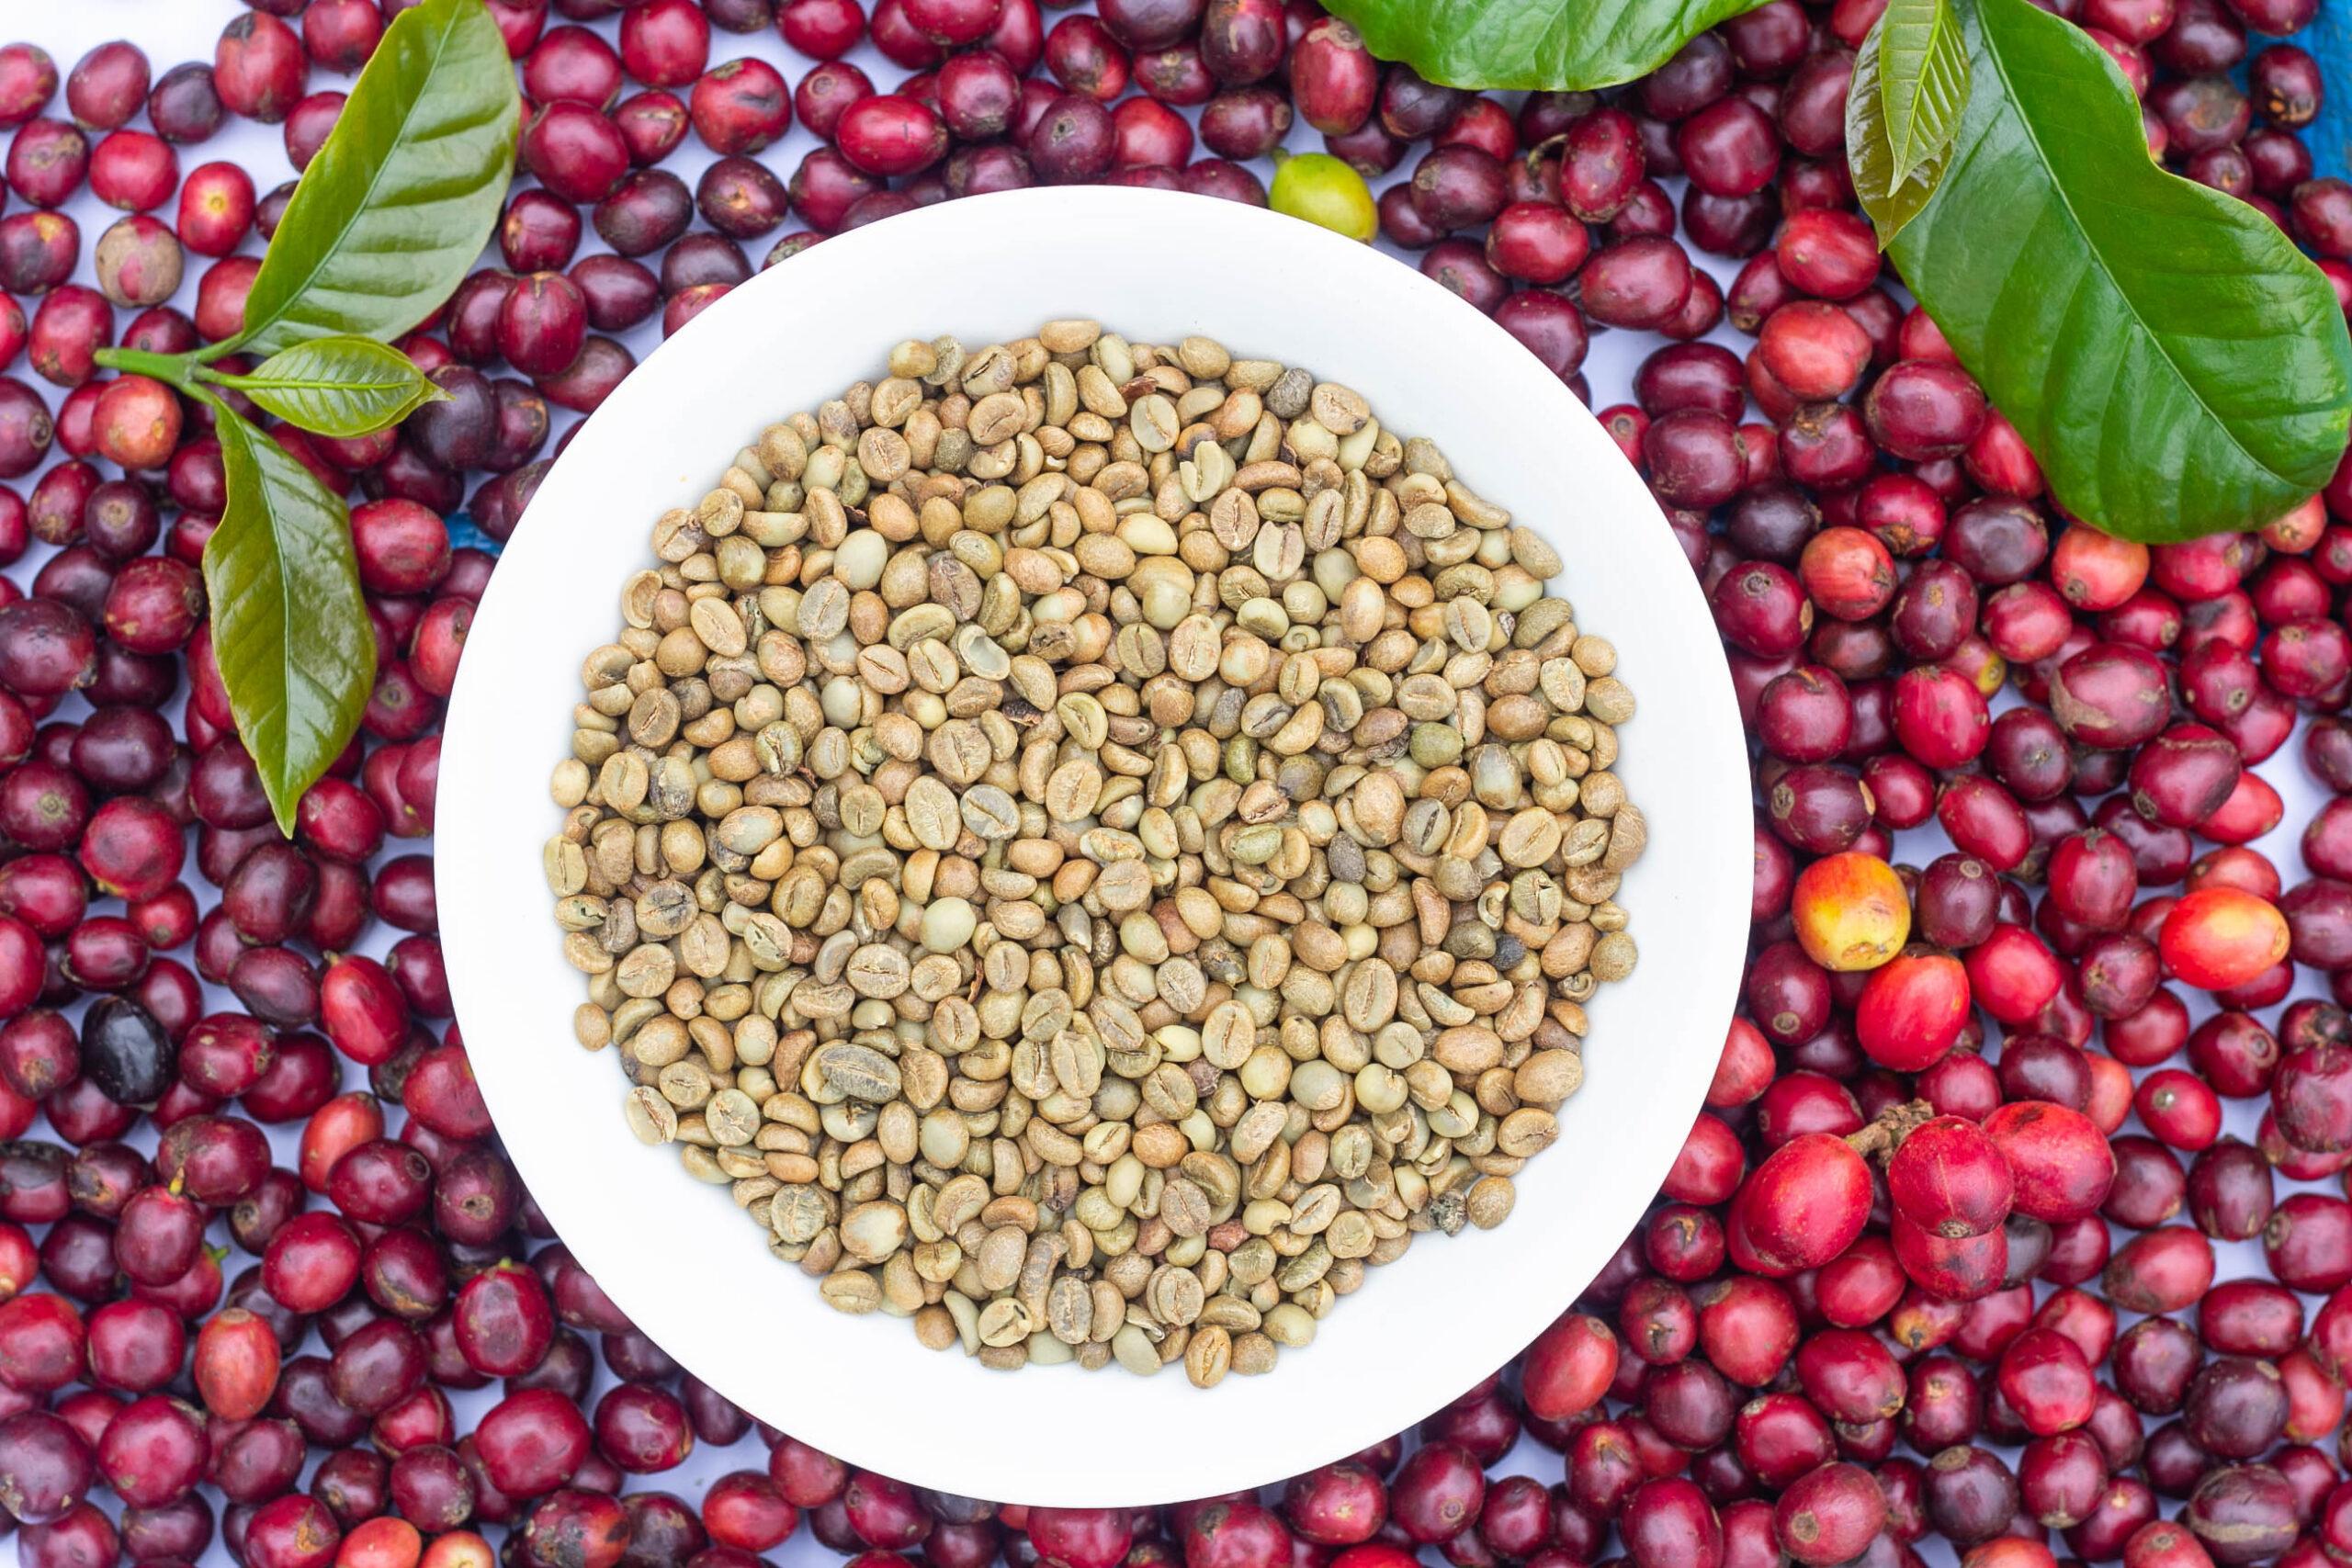 Granos de café rojos y verdes